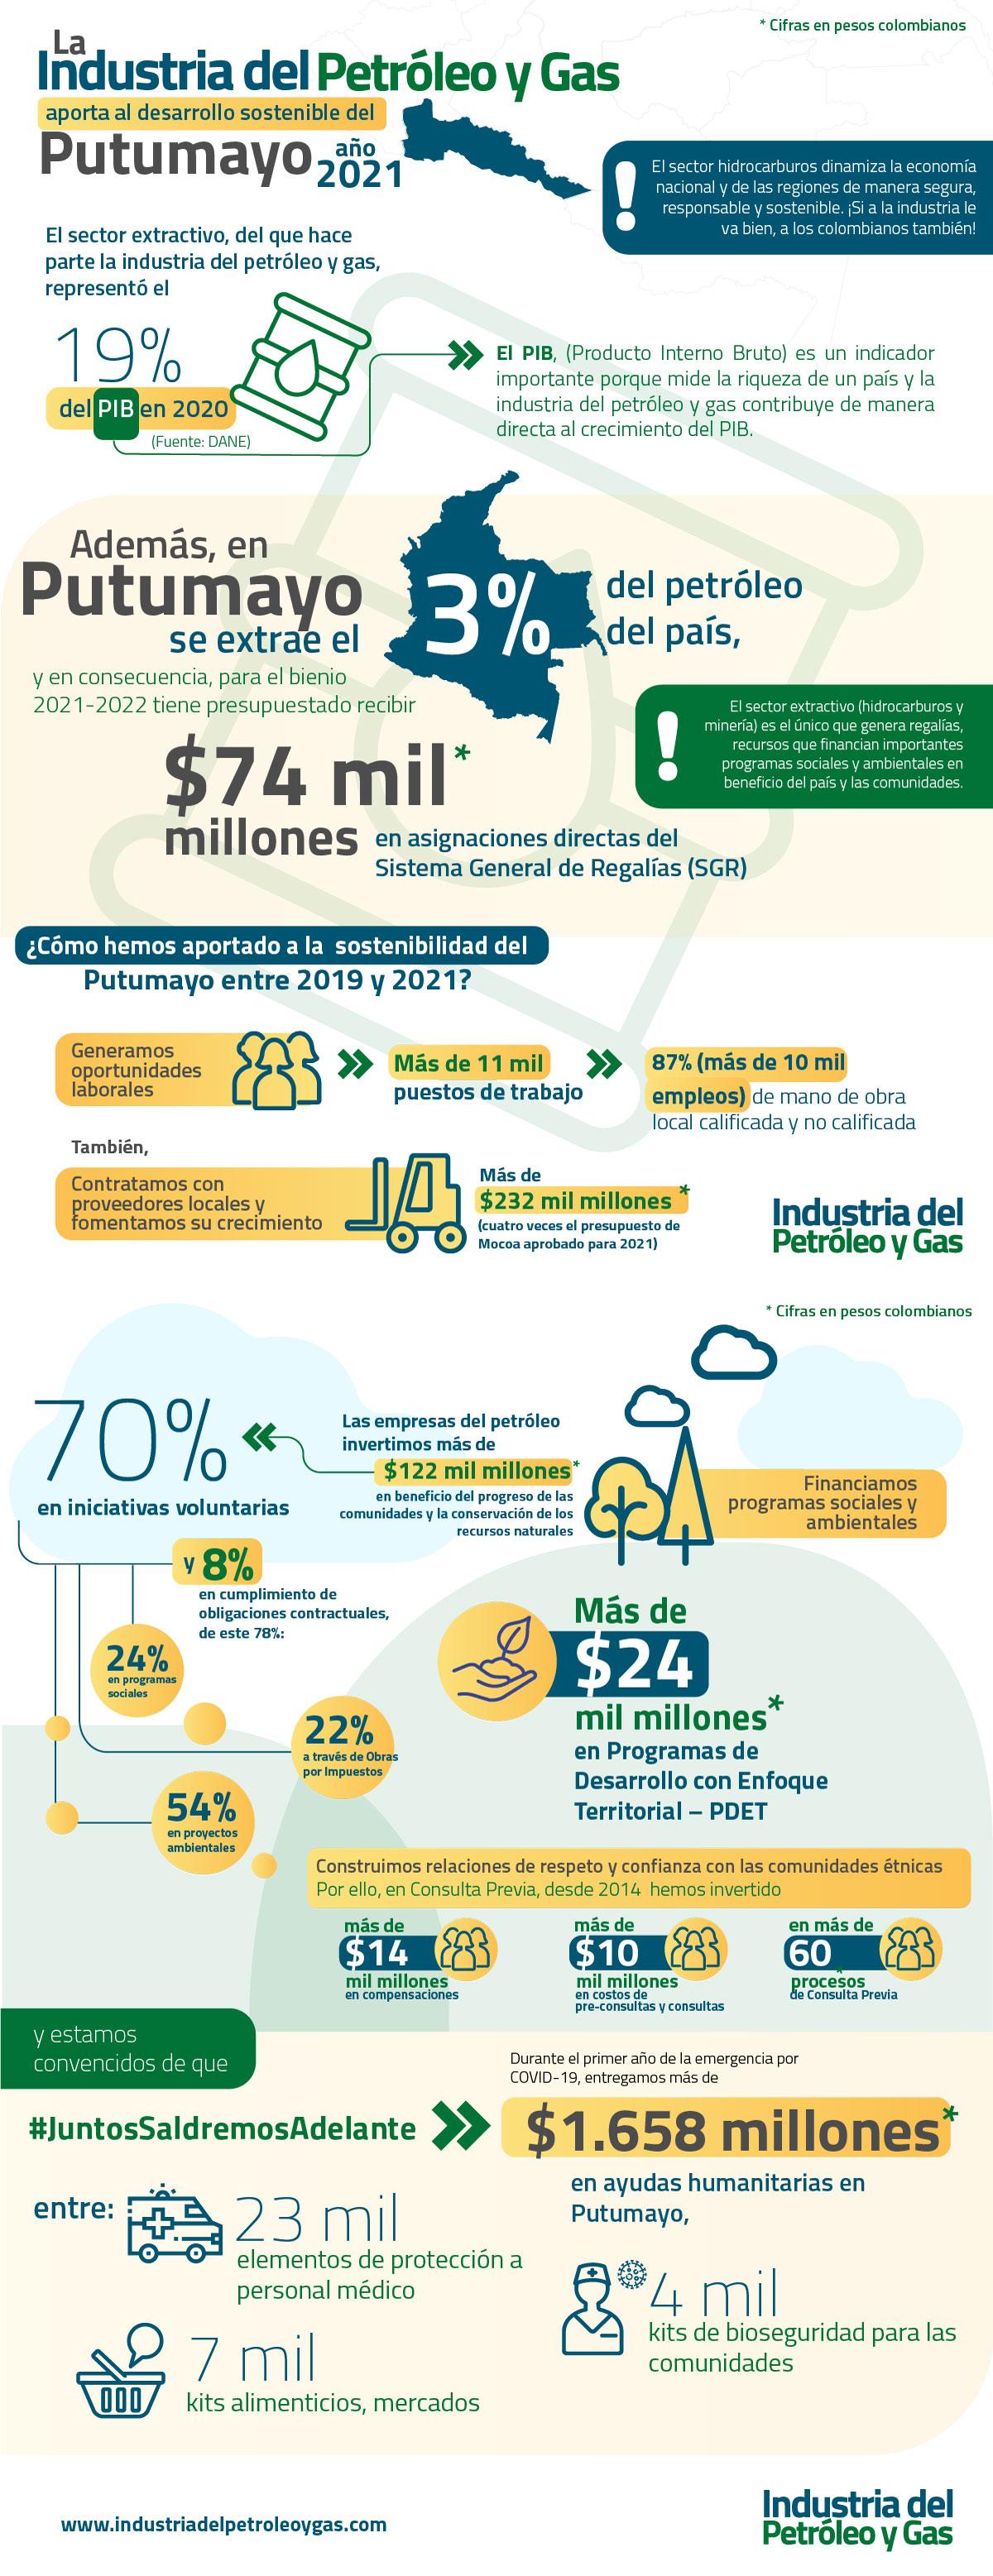 Infografía La Industria del Petróleo y Gas aporta al desarrollo sostenible del Putumayo Año 2021